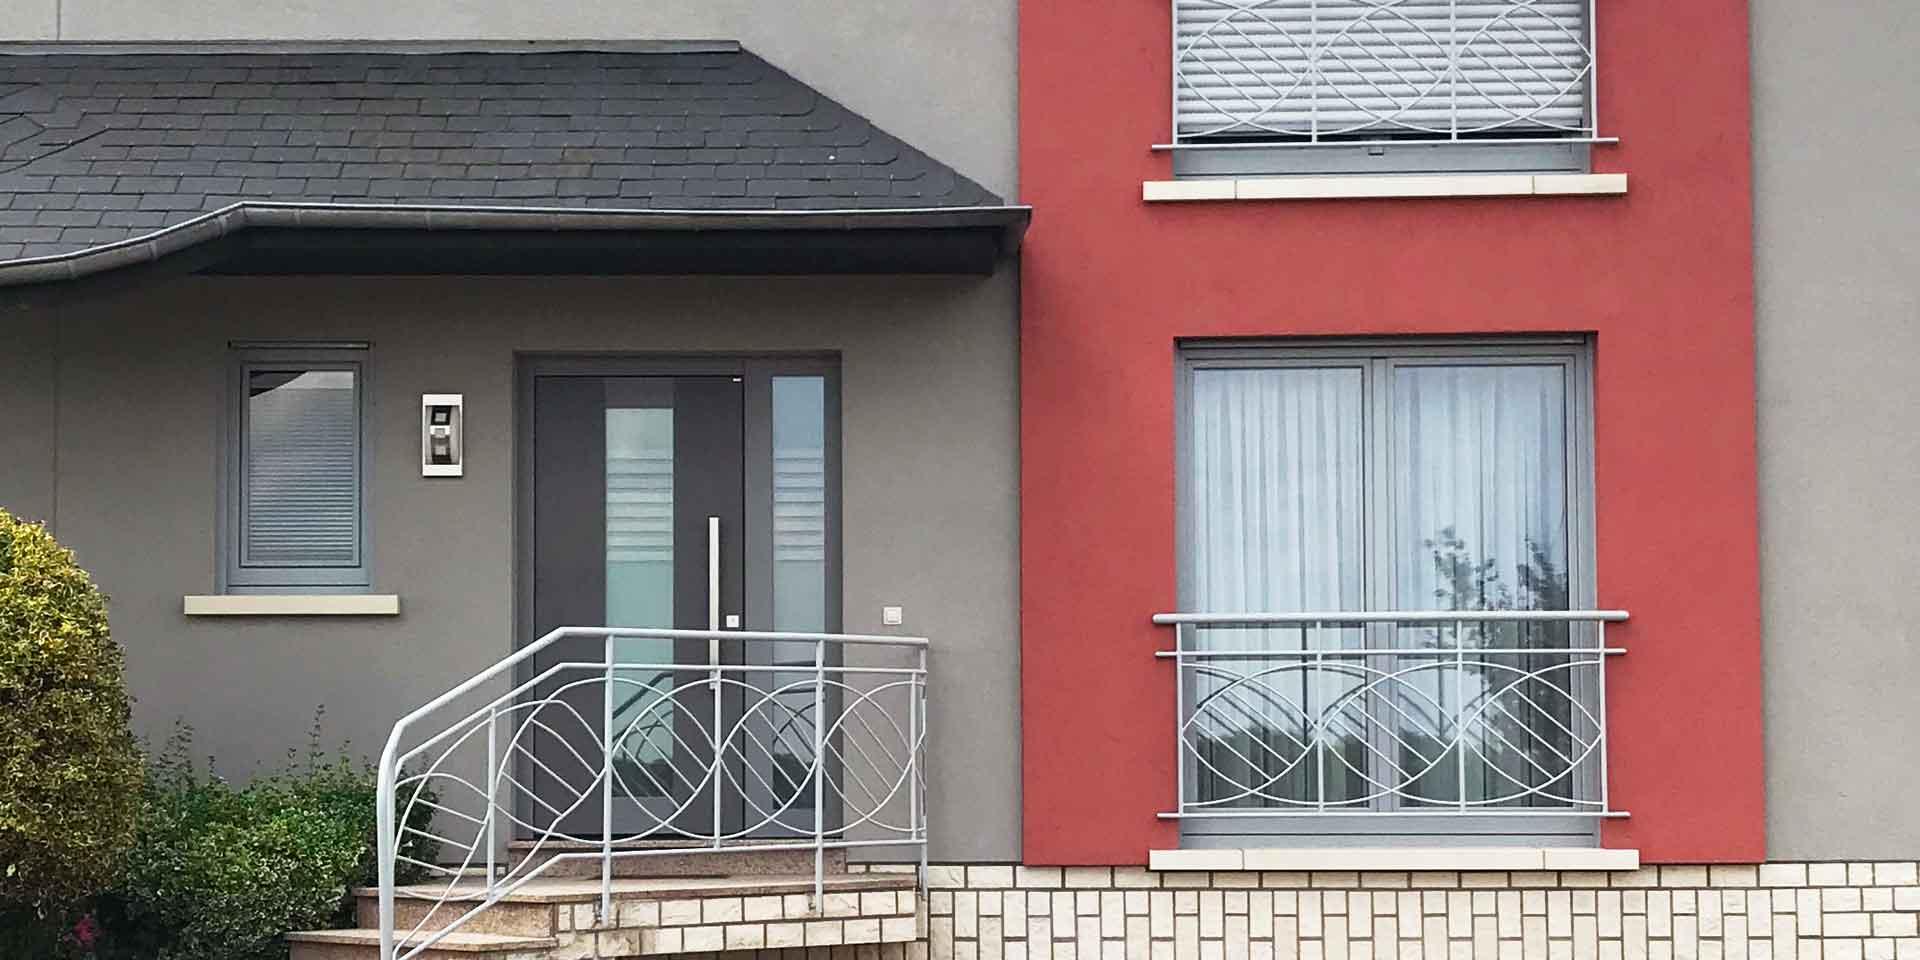 Nahaufnahme der Vorderseite eines grau- roten Einfamilienhauses mit einer grauen Coplaning Keramik Haustür.